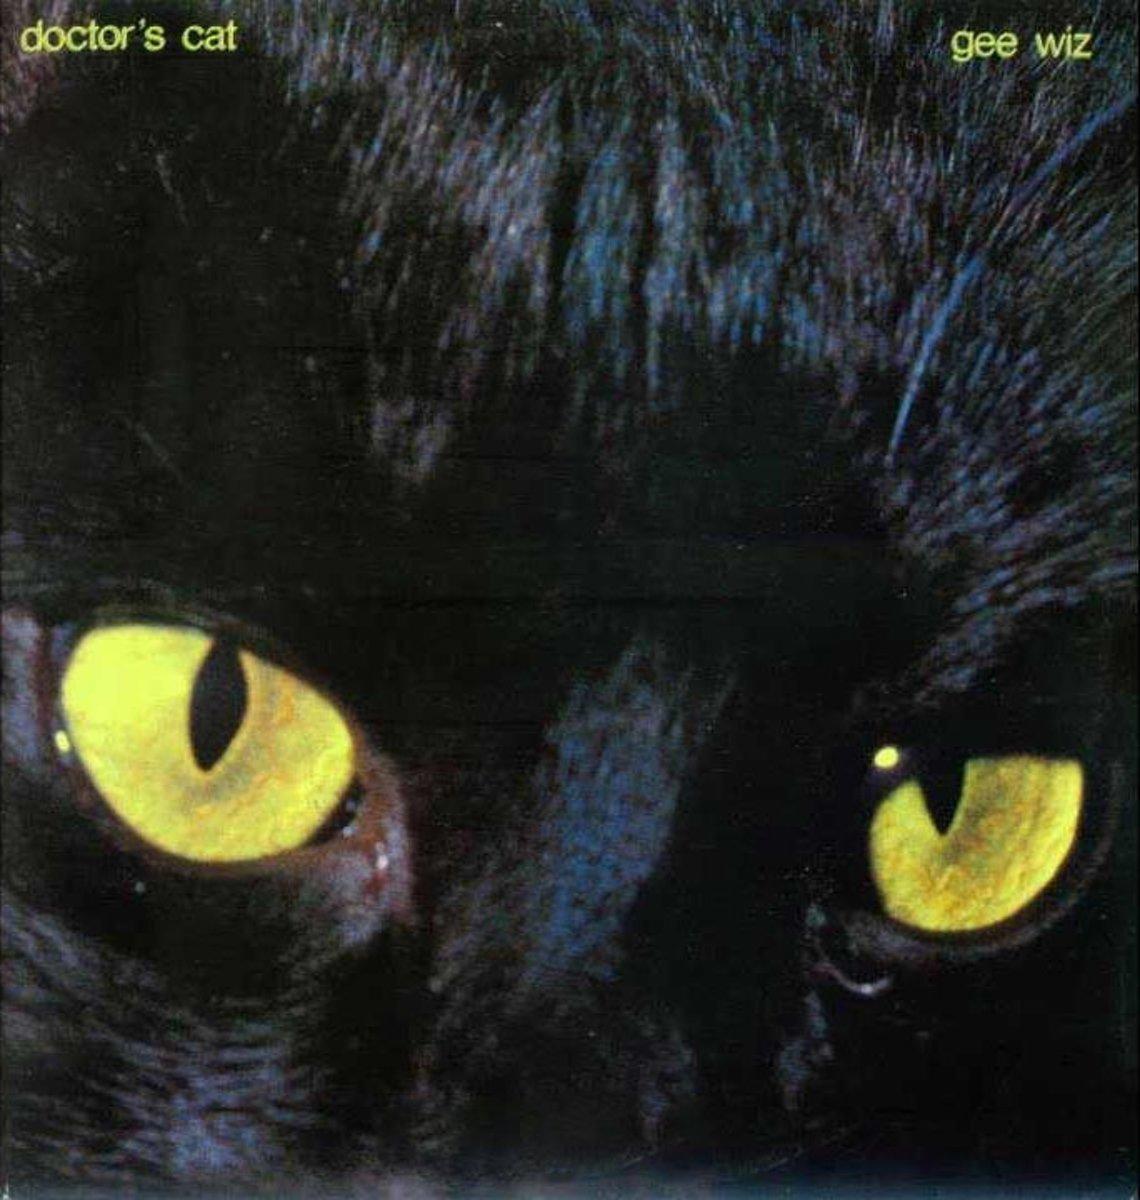 Doctor's Cat Doctor's Cat. Gee Wiz (LP) fangtastic ms wiz